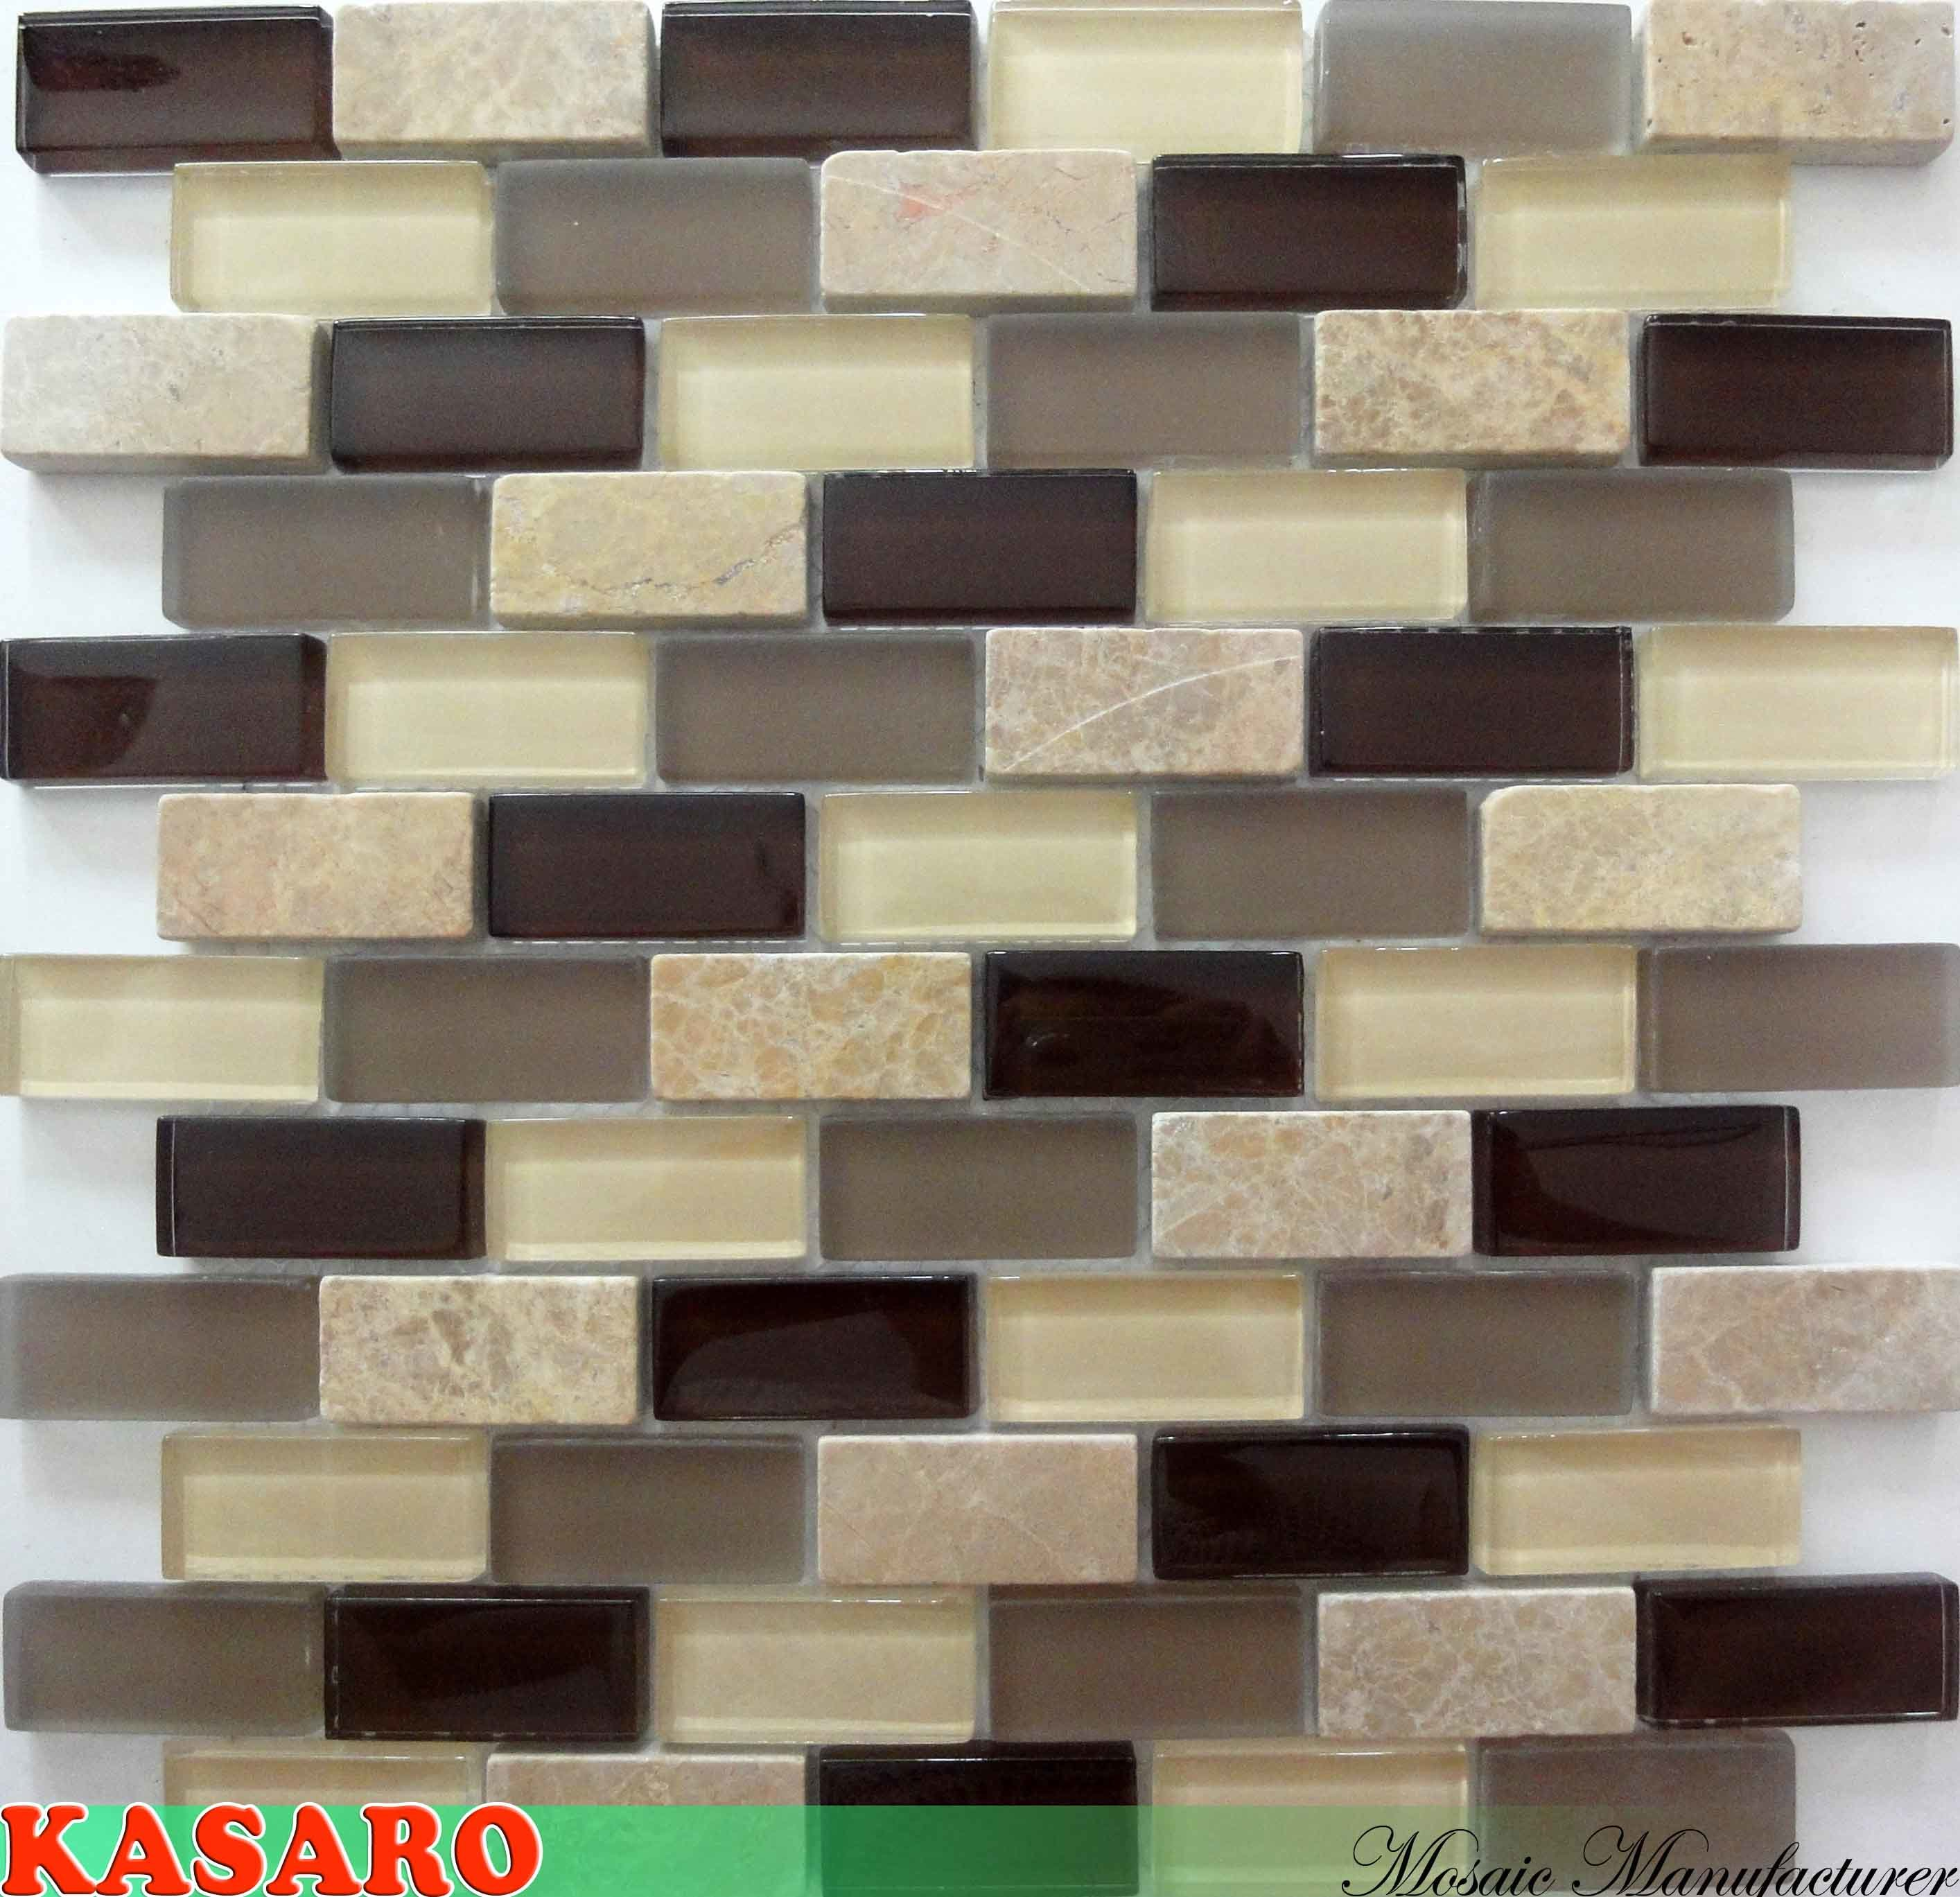 Mosaico de azulejos de cocina de metro (KSL135019) – Mosaico de ...